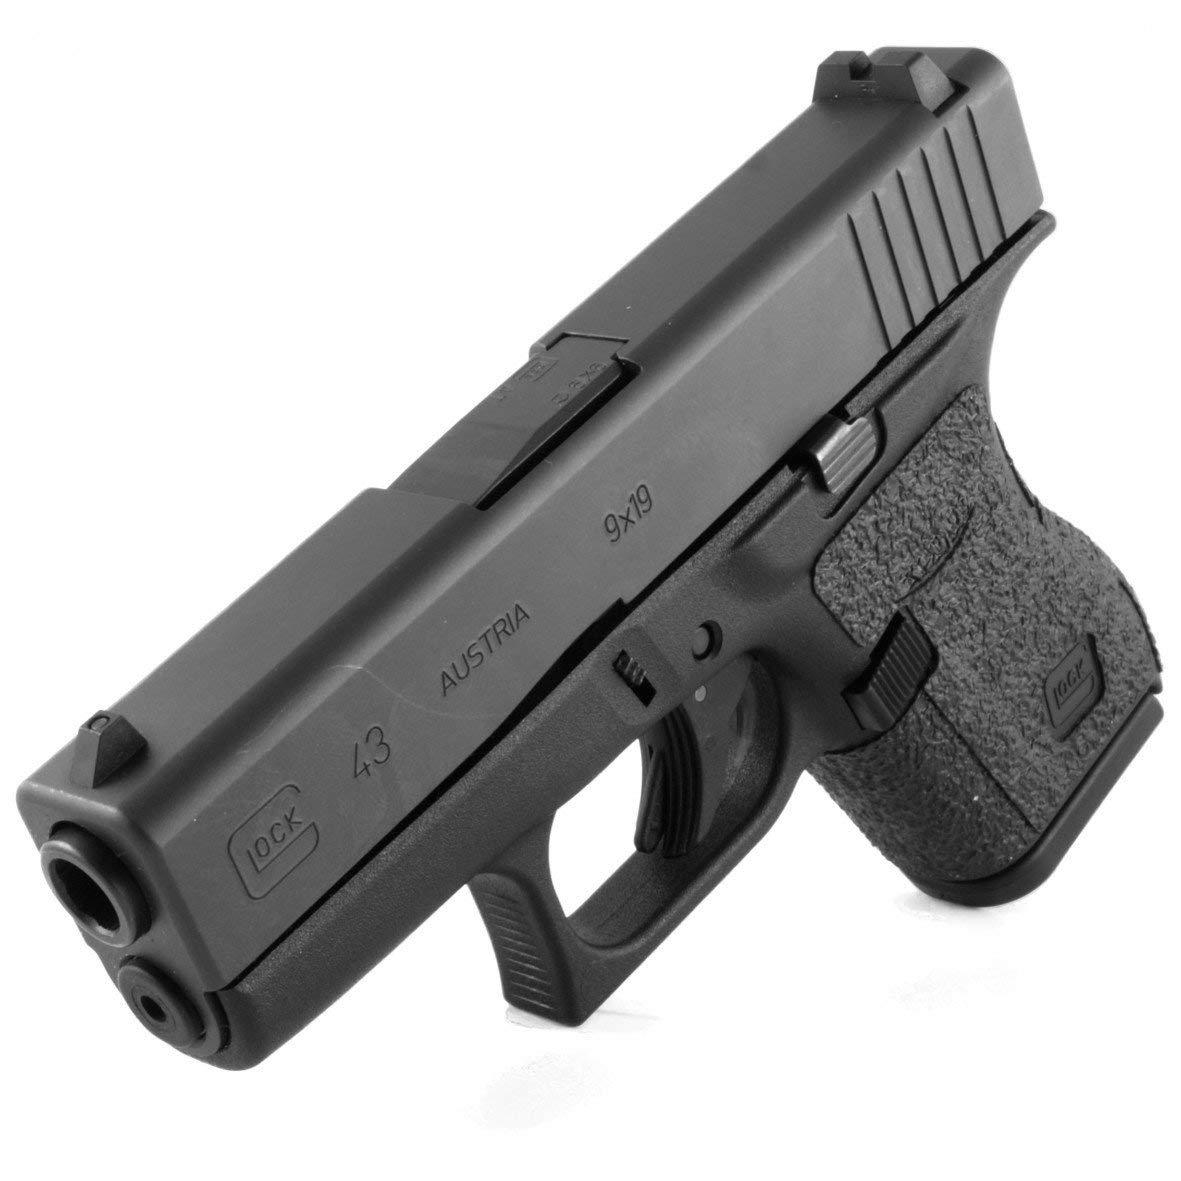 talon grips for glock 43 pistol gun